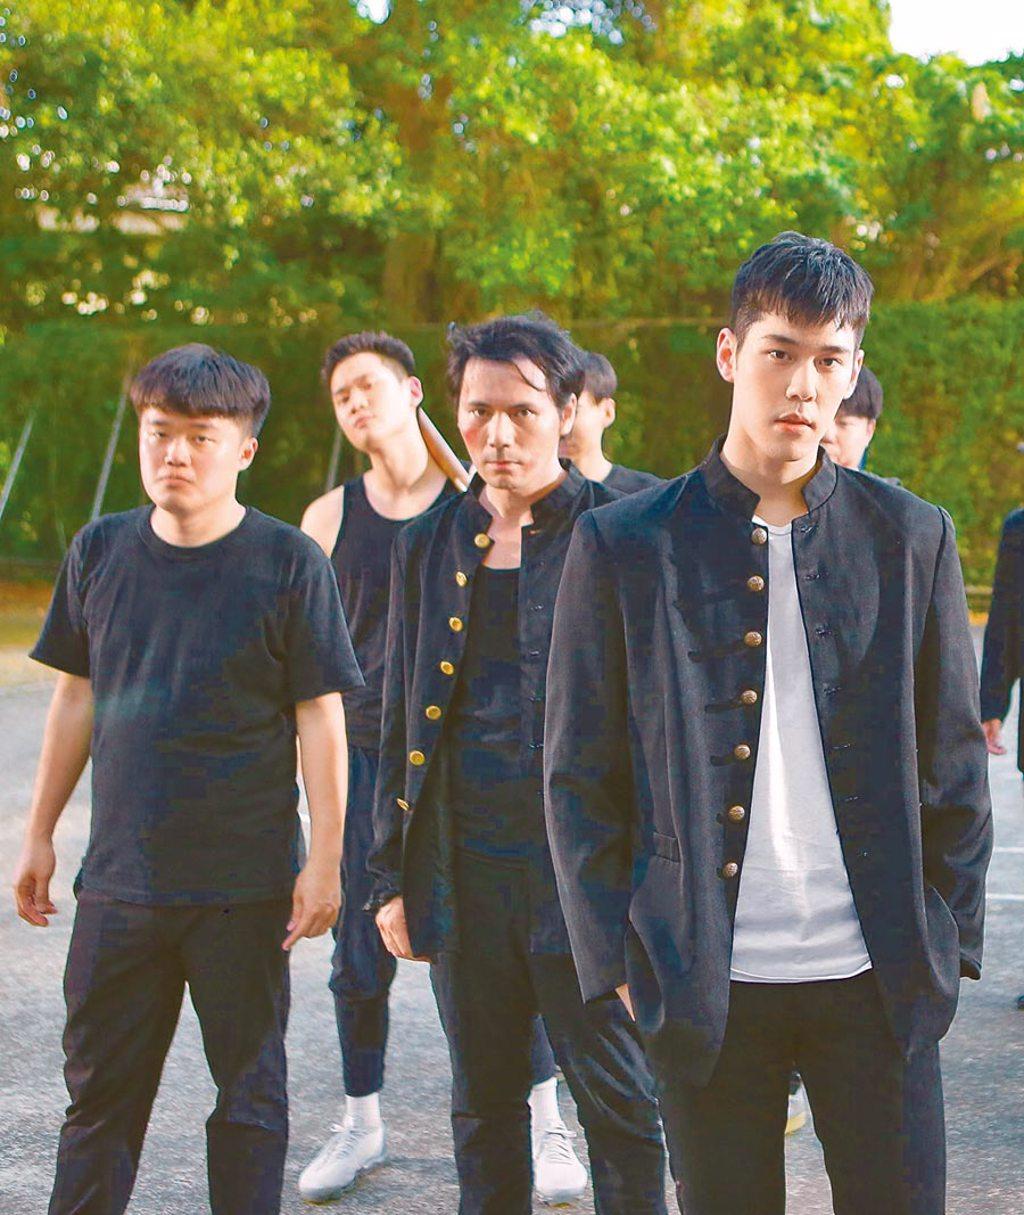 周興哲(左後持棍棒者)日前助陣周予天(右)新歌MV拍攝。(星空飛騰提供)